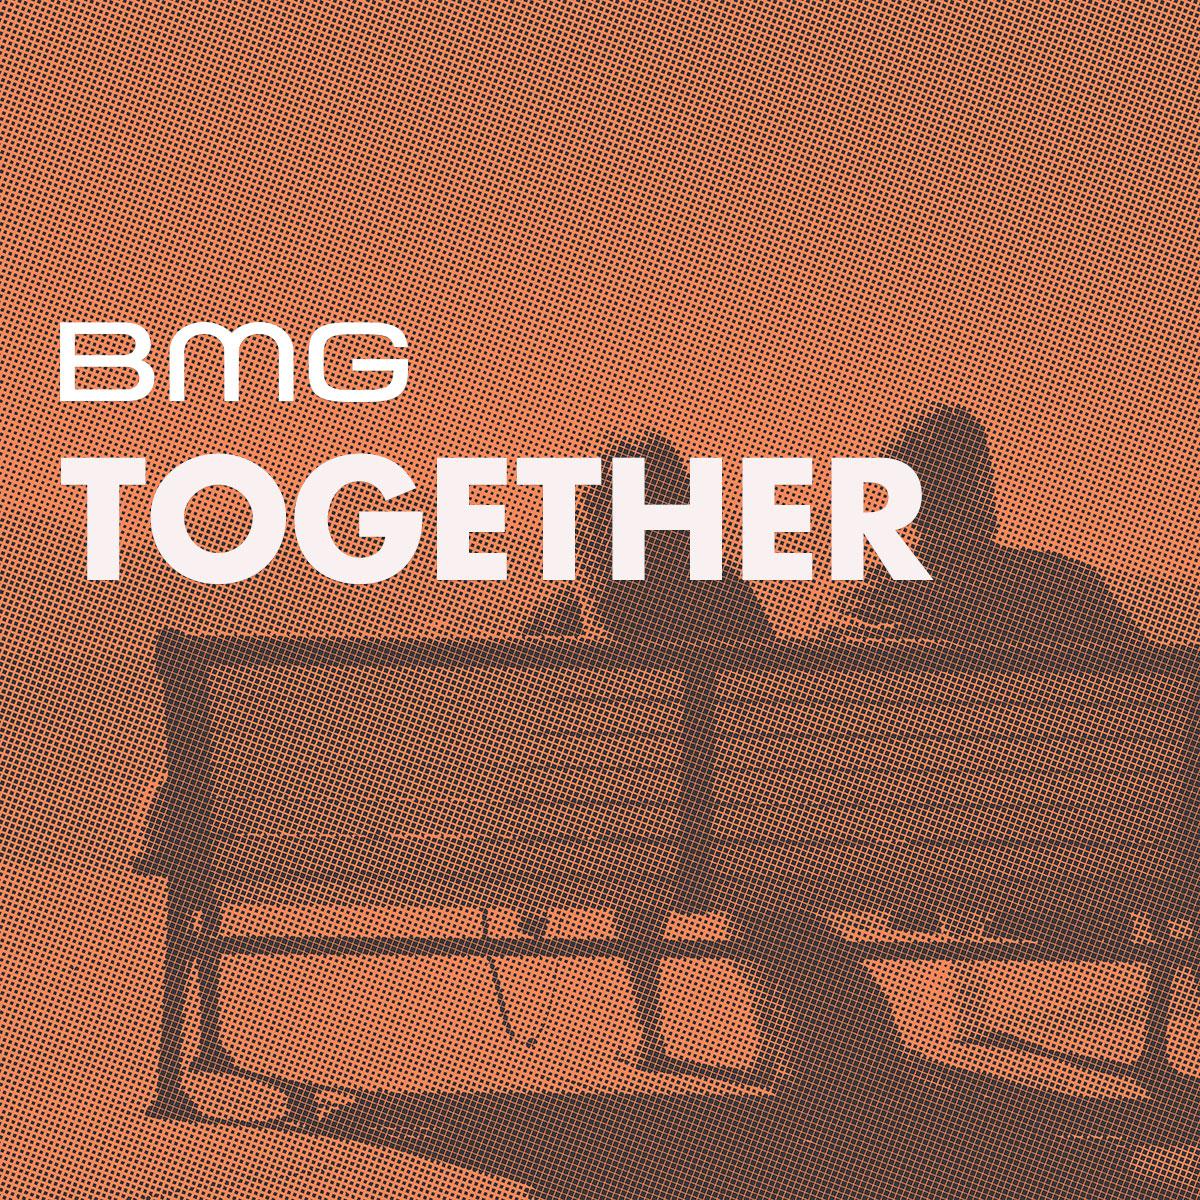 1200-x-1200-Together.jpg